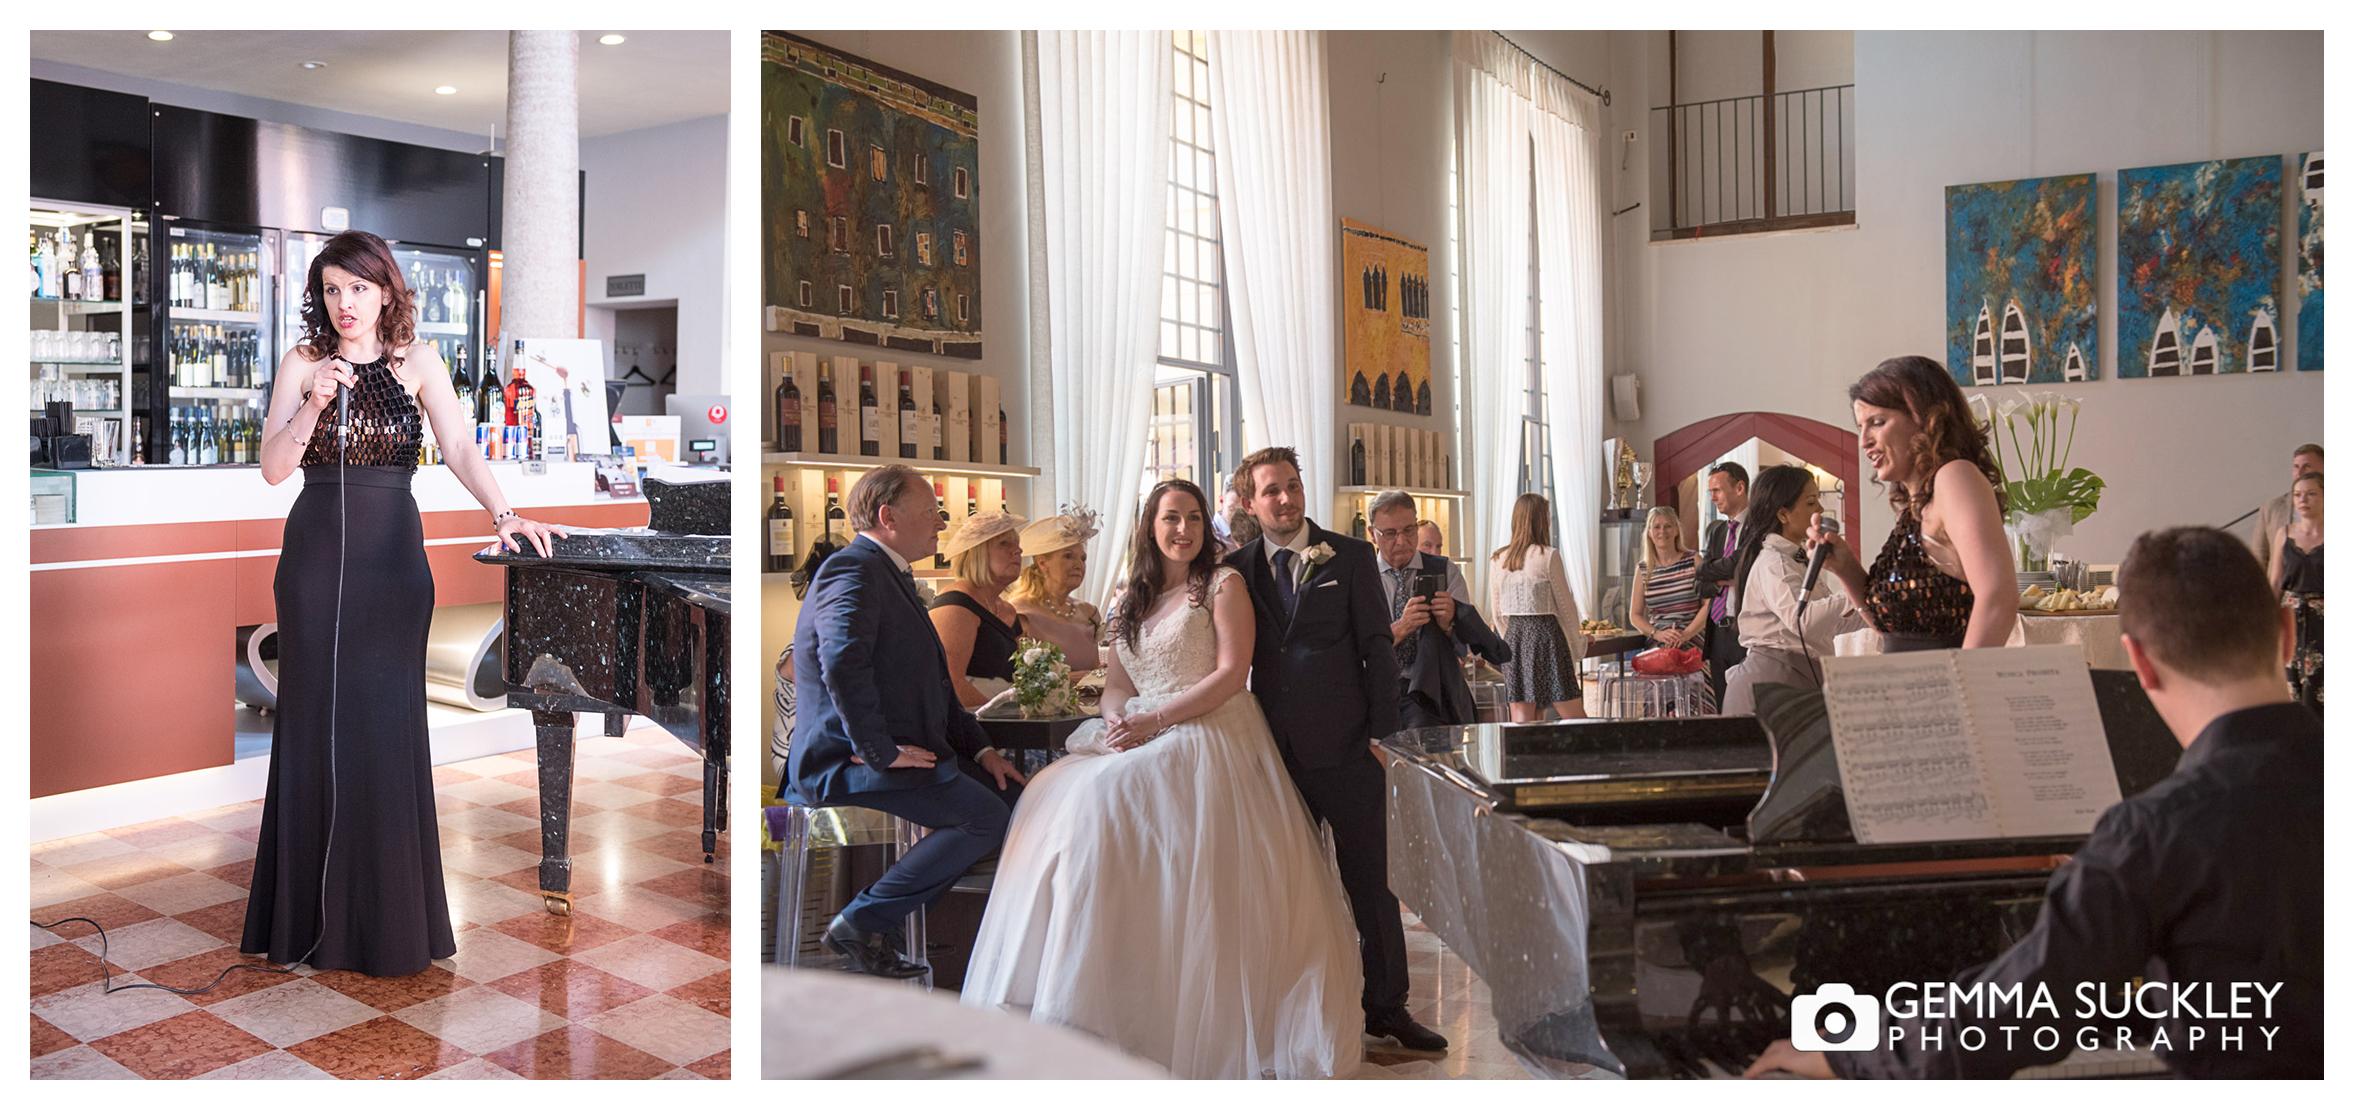 Opera singer at Lake Garda wedding